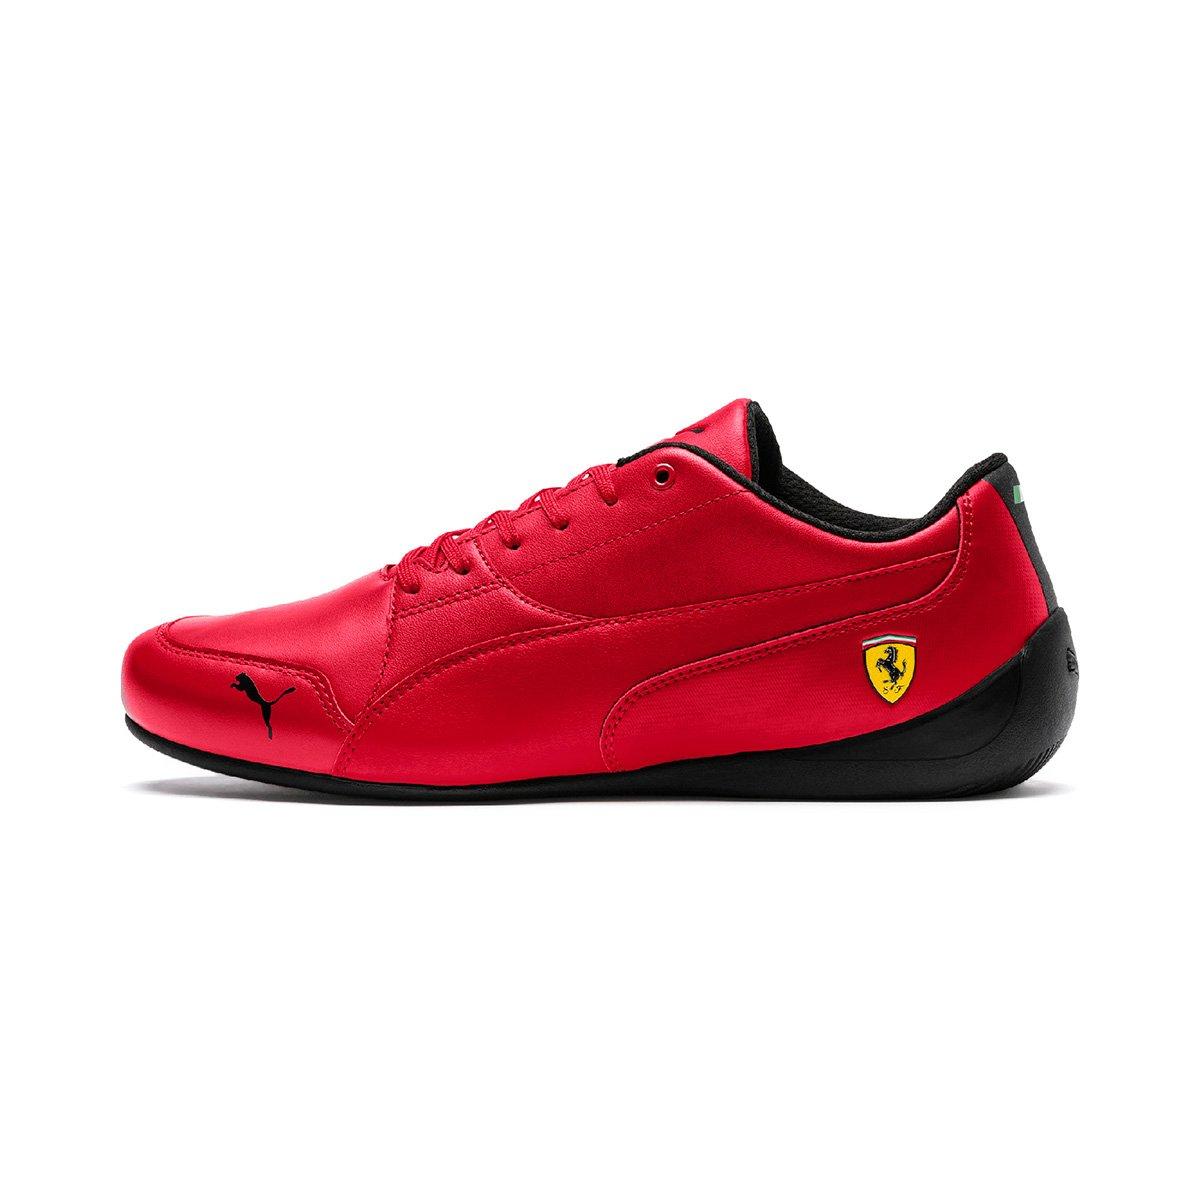 3f8e506d6f235 Tênis Puma Scuderia Ferrari Drift Cat 7 Masculino - Shopping TudoAzul